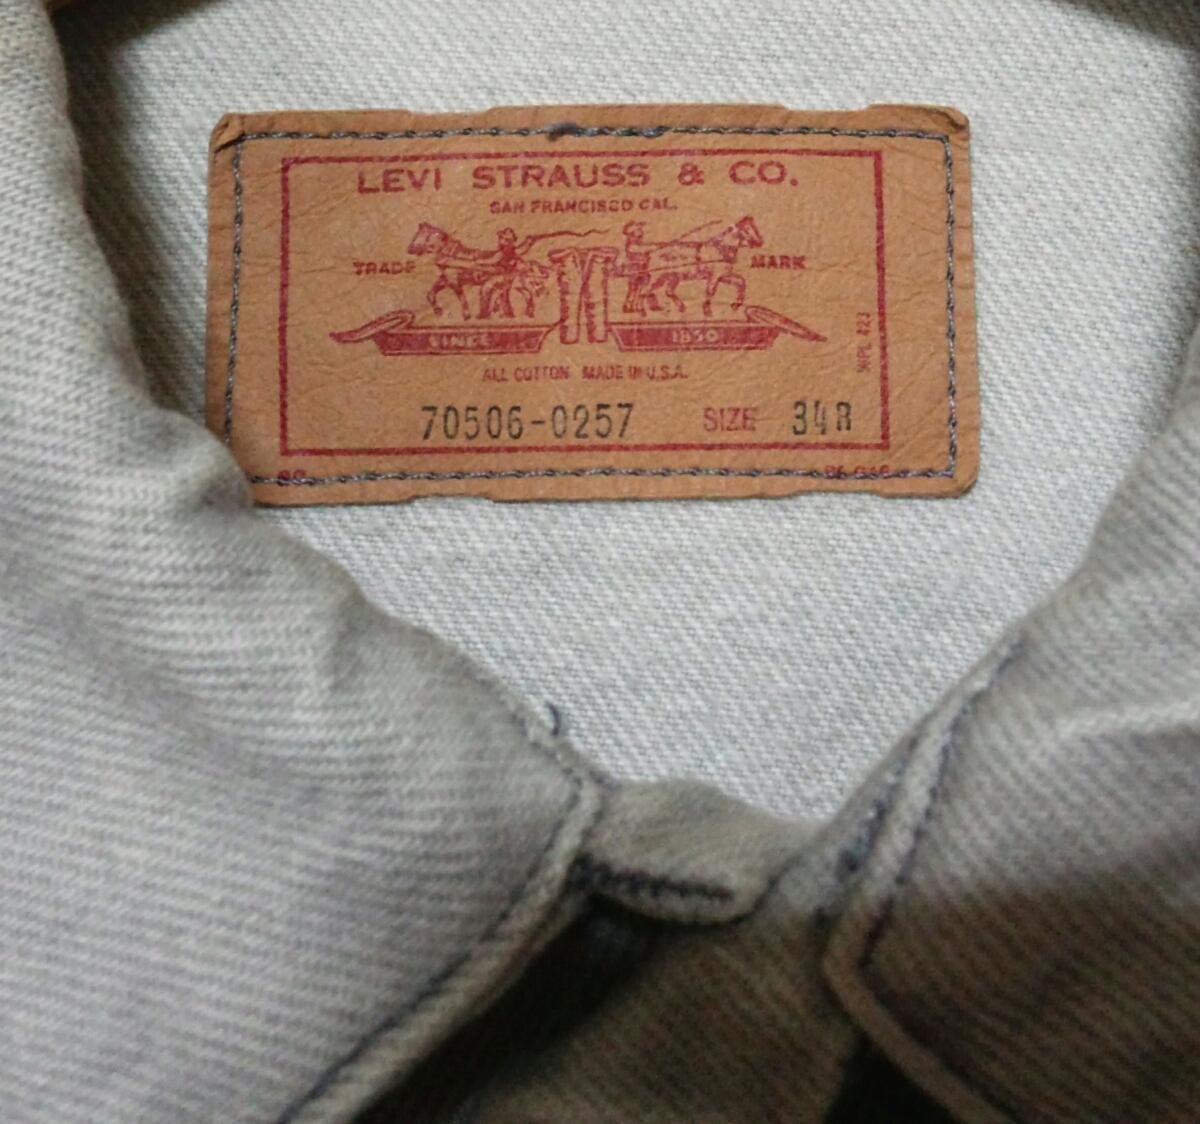 MADE IN USA製vintageヴィンテージLevisデニムジャケットGジャン70506ジージャン34Rビンテージ80sアメリカ製70505サード80年代557グレー3rd_画像3